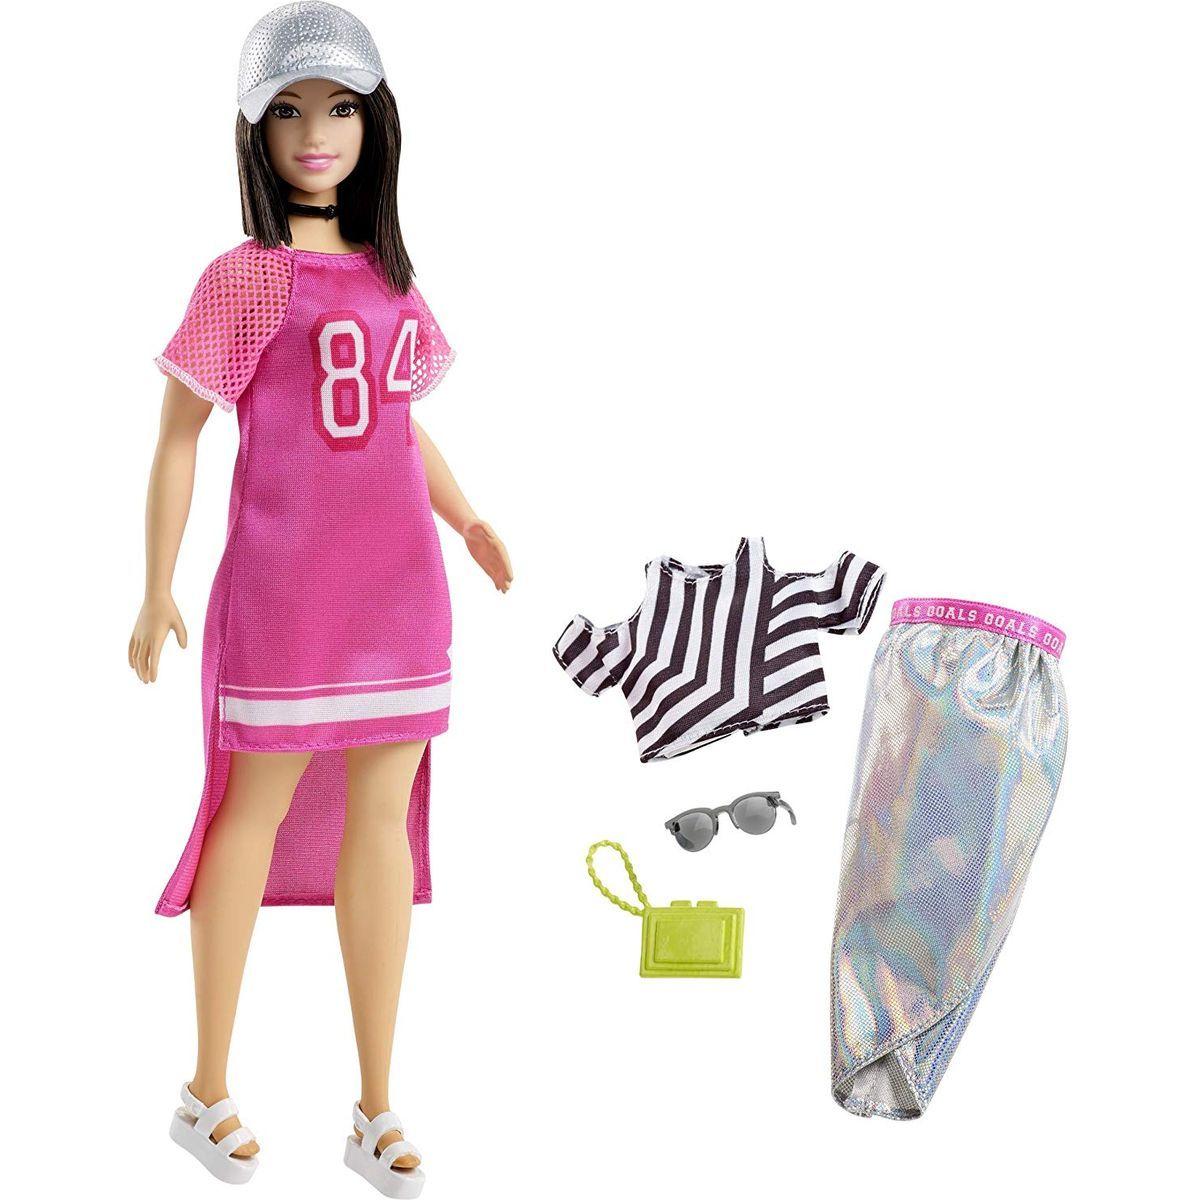 Mattel Barbie modelka s doplňky a oblečky 101